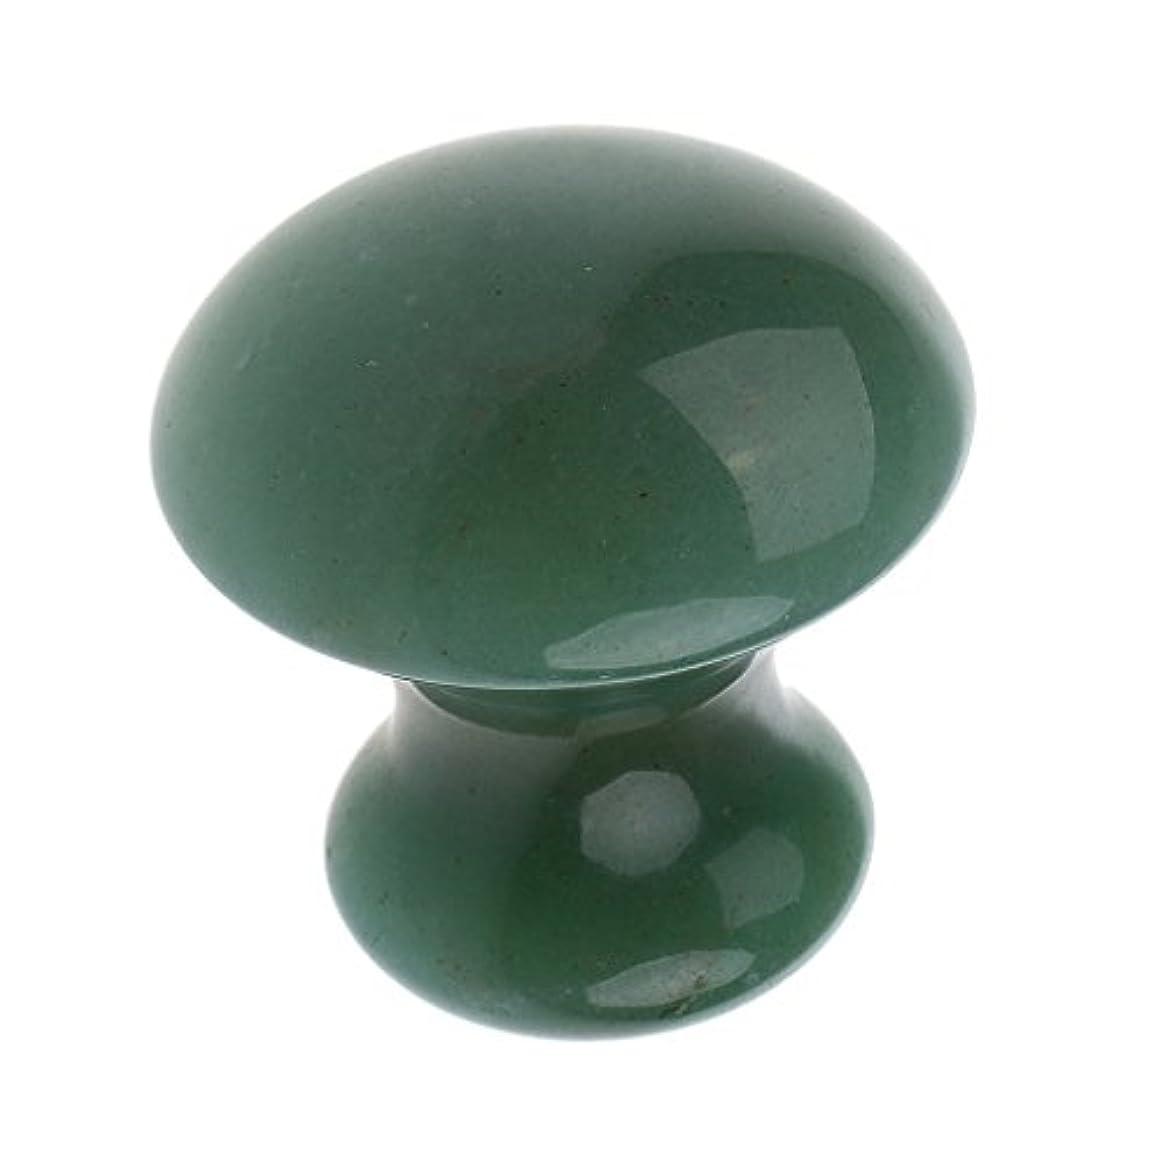 報奨金電卓小切手sharprepublic Gua Shaスクレイピングマッサージツール、SPA鍼治療のトリガーポイントリラックス-キノコ形の天然石Guashaボード - 緑